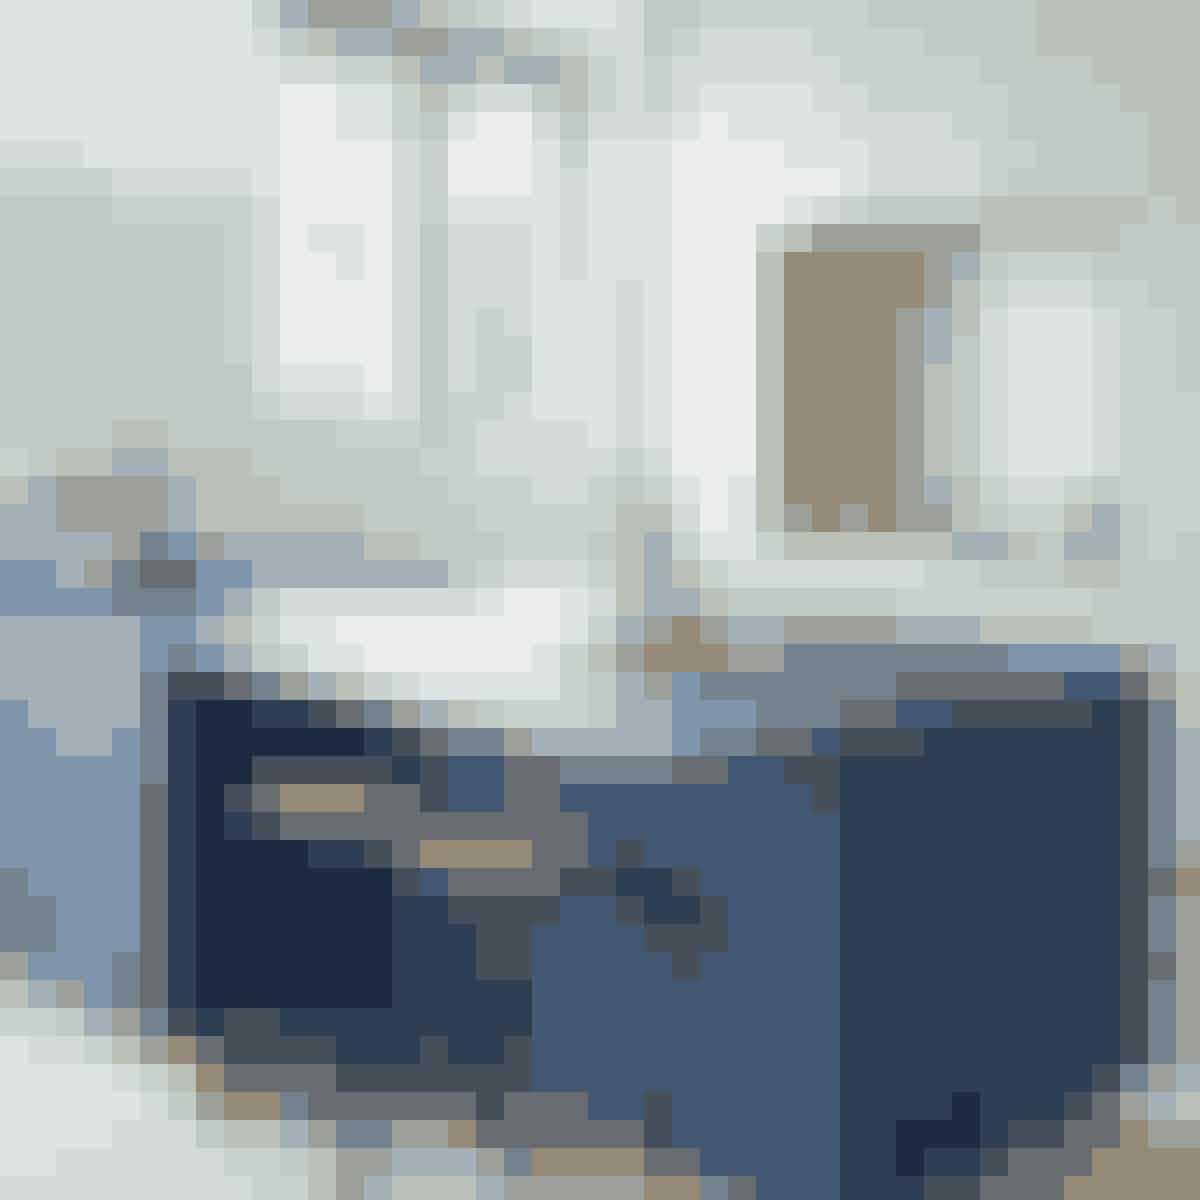 Skræddersyede og unikke snedkerkøkkener leveret af den danske designer Nicolaj Bo. Hos ham kan du få specialbygget lige præcis det køkken, du drømmer om. Find dem her!